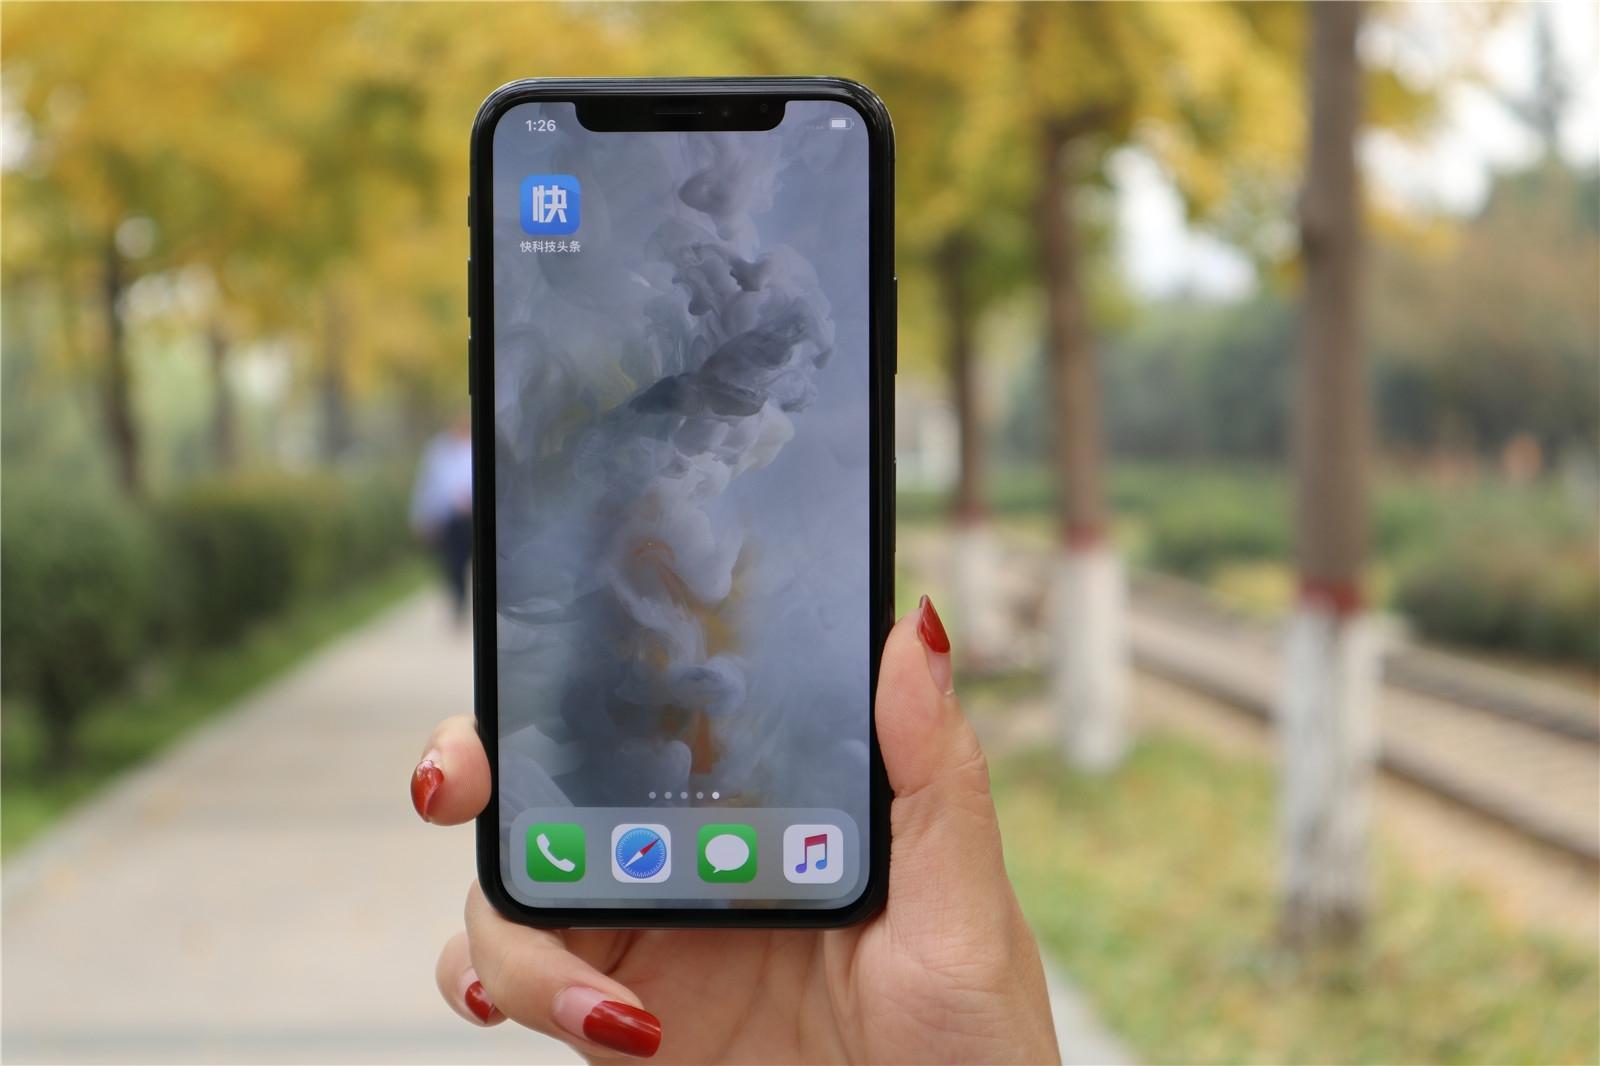 万元iphone x热销:供屏的三星这次赚海了